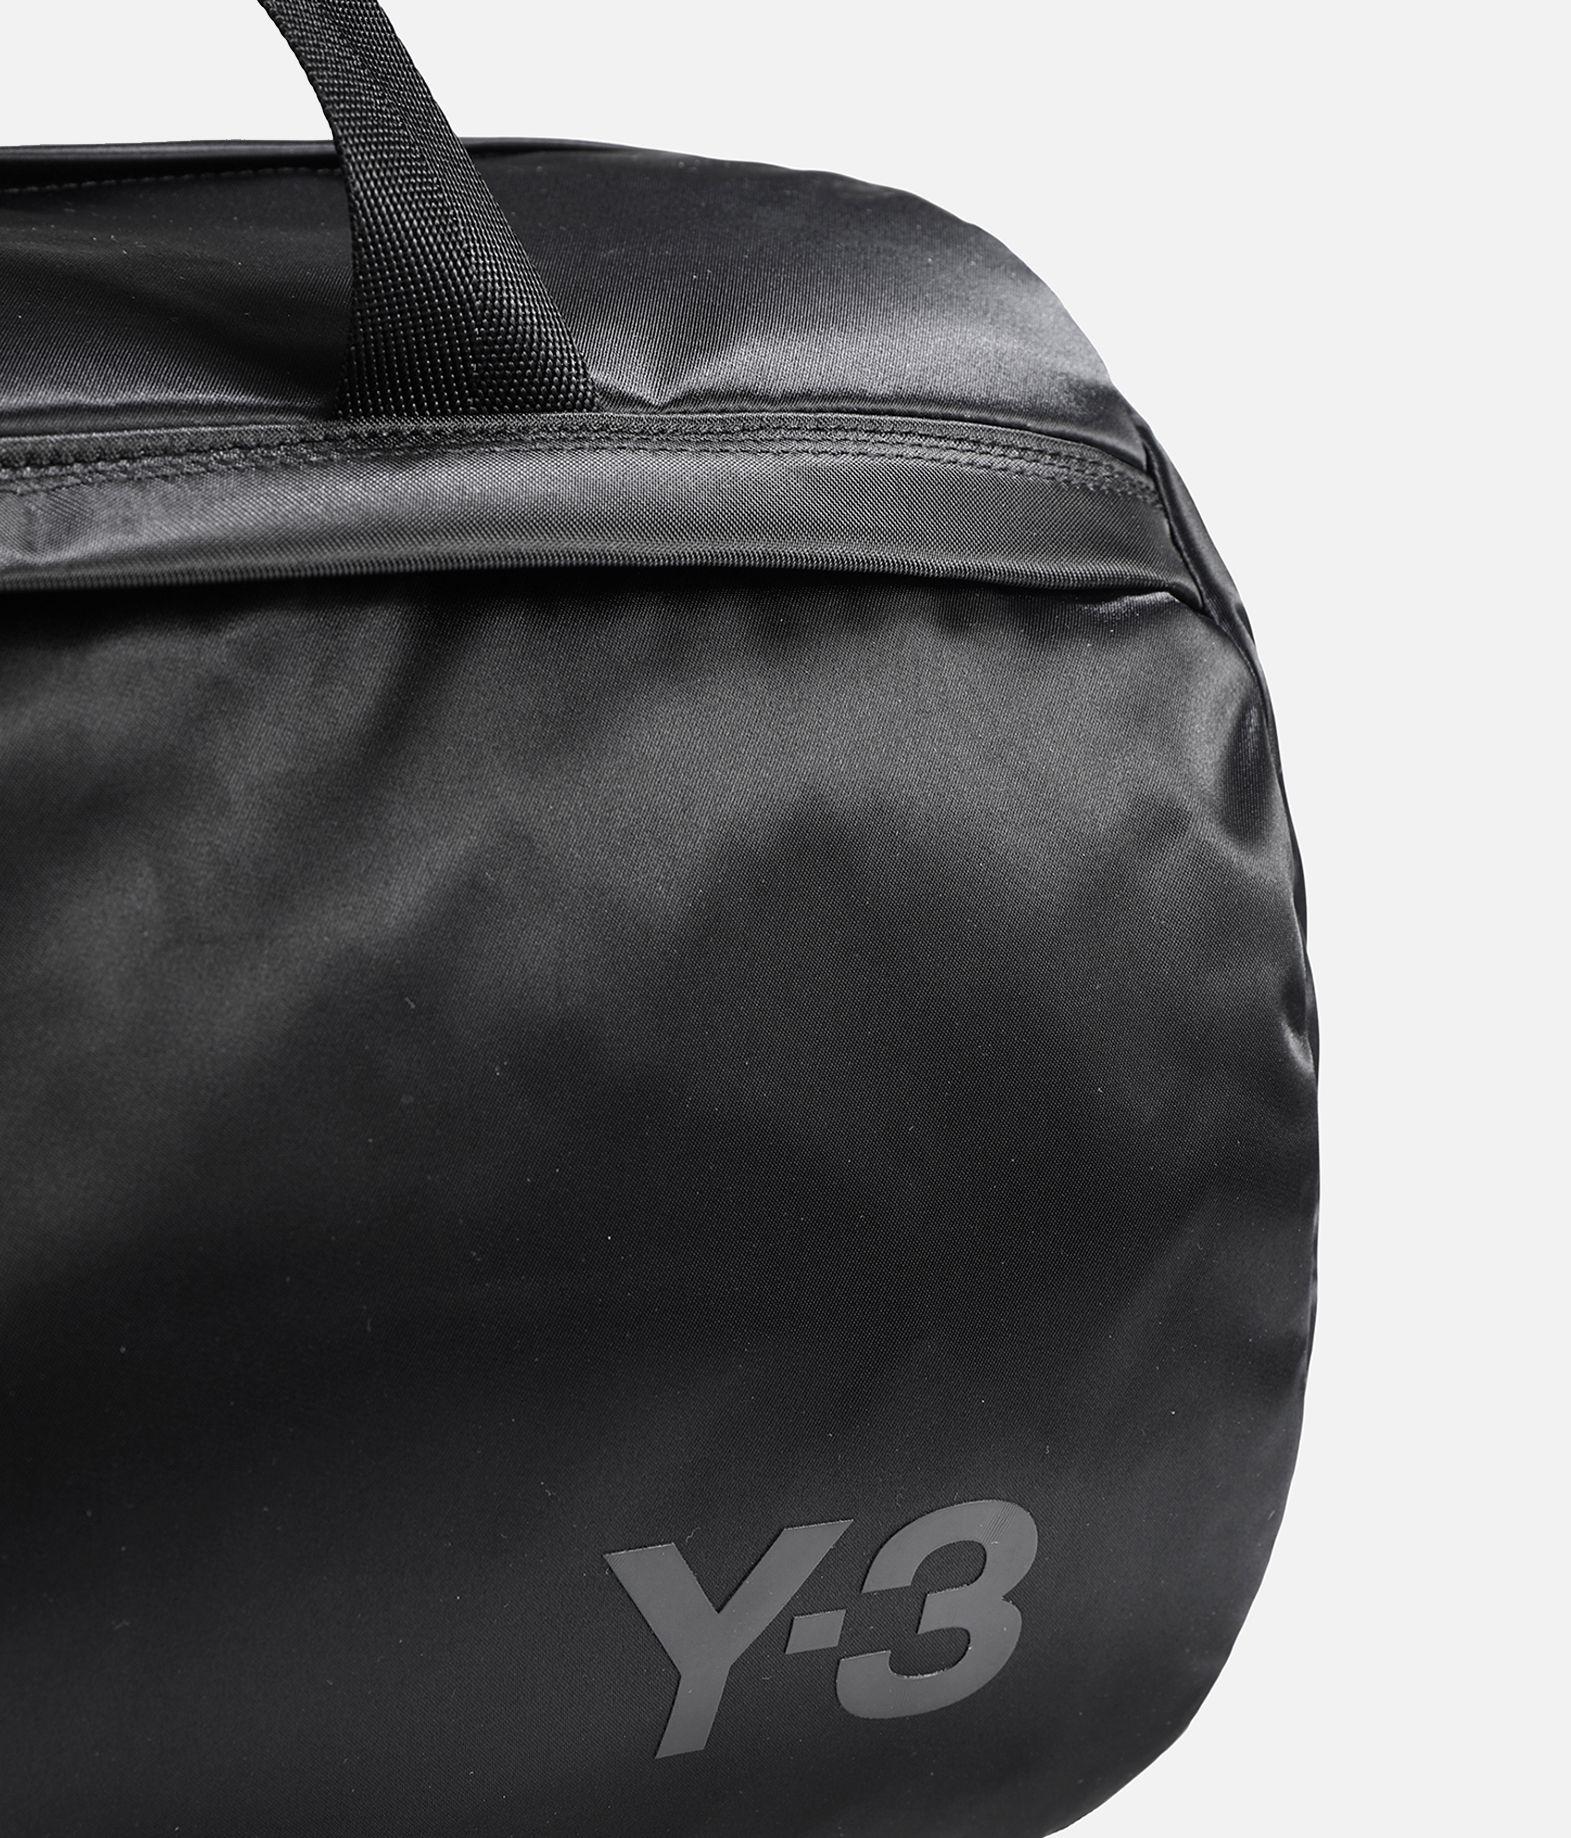 Y-3 Y-3 Gym Bag ジム用バッグ E a